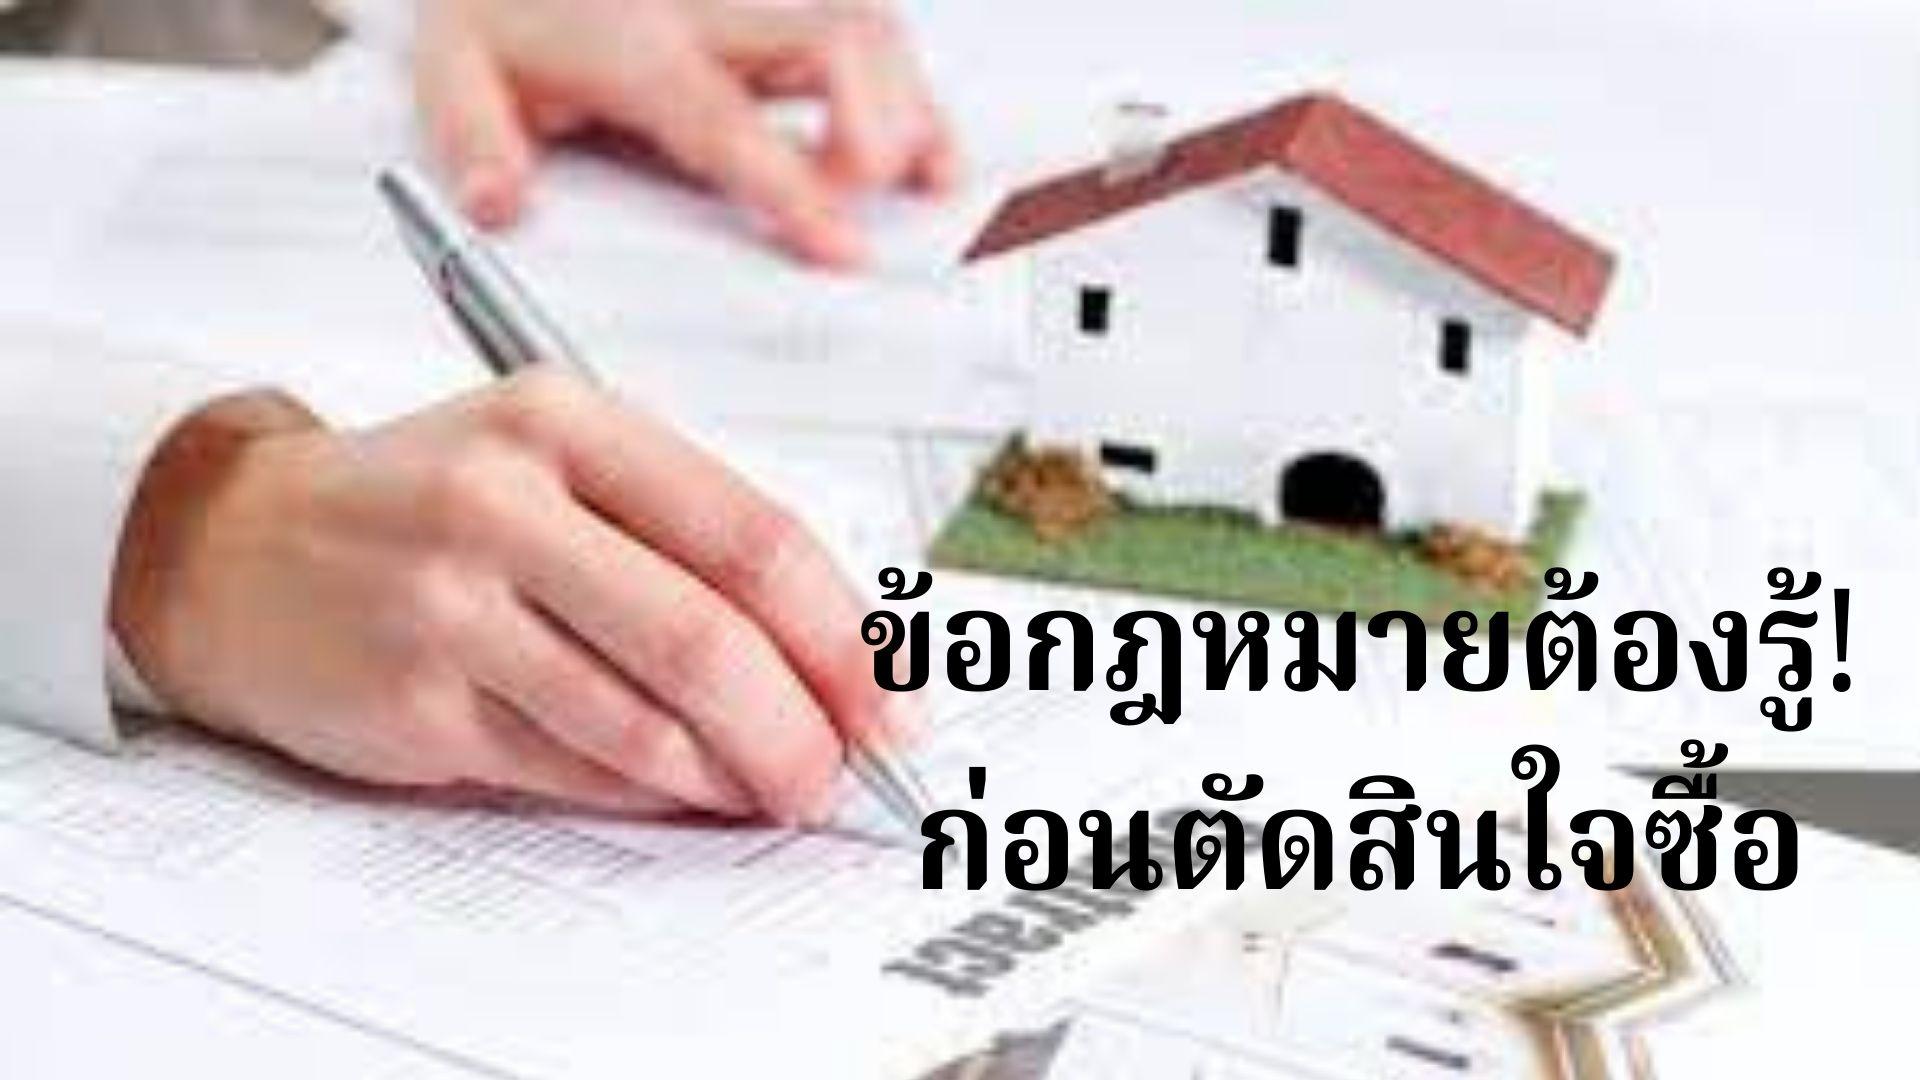 เปิดข้อกฎหมายต้องรู้! ก่อนตัดสินใจซื้อบ้าน